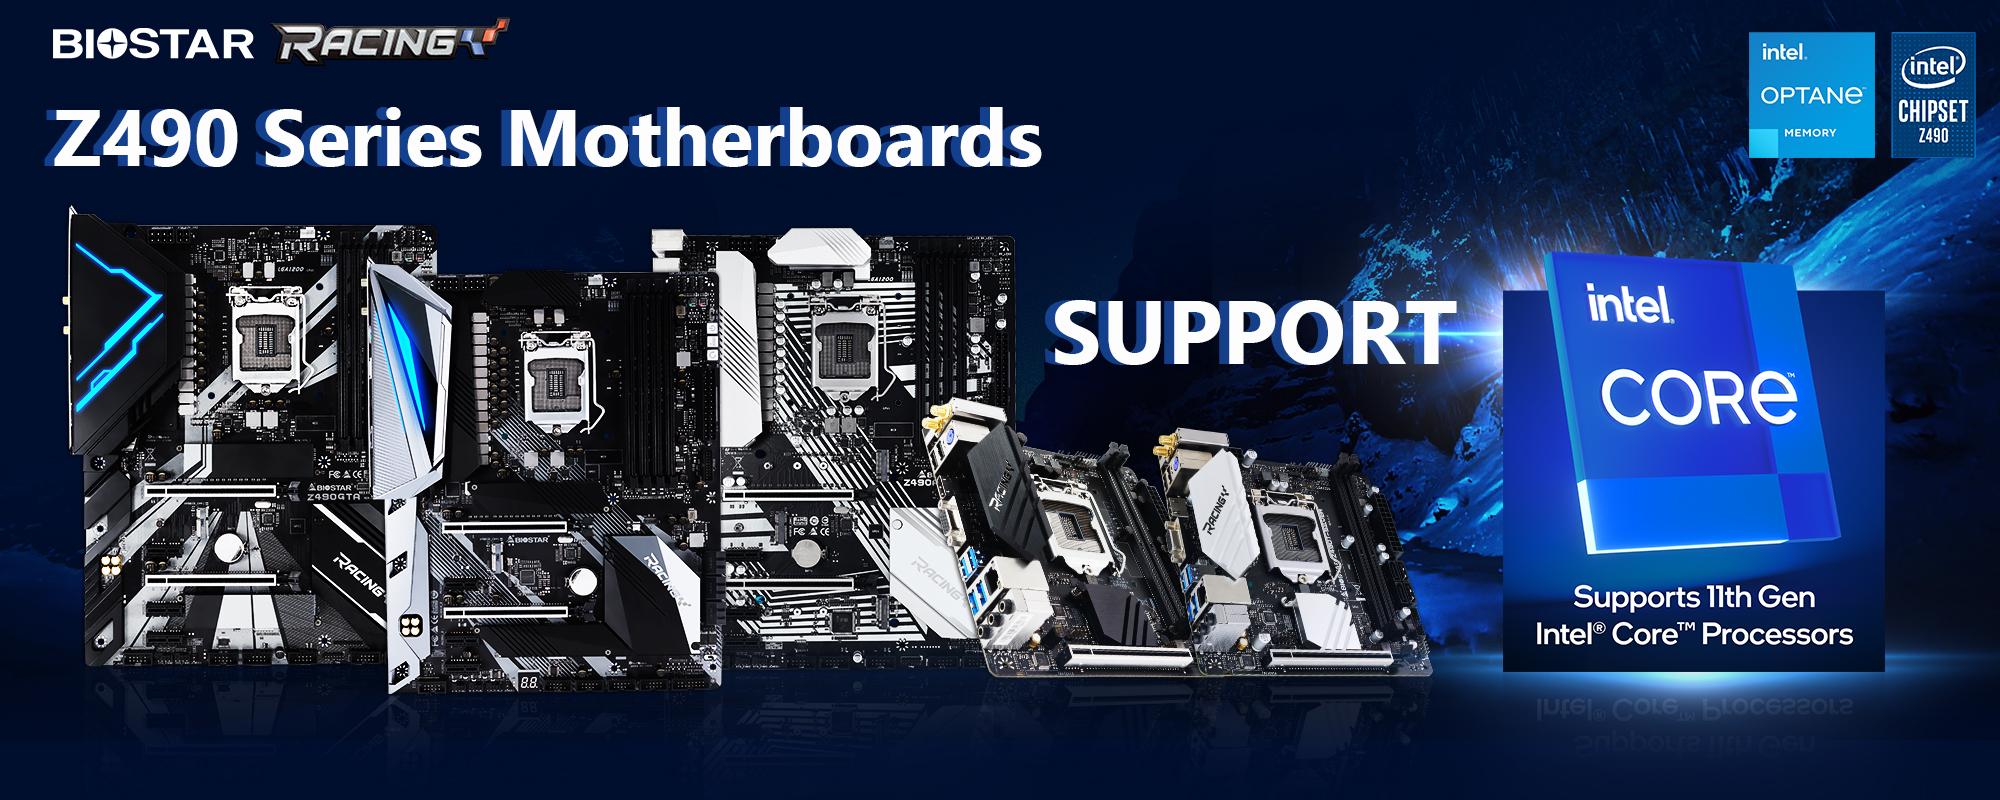 20210121 BIOSTAR ประกาศเมนบอร์ด Z490 สามารถรองรับการใช้งานซีพียู Intel 11th Gen รุ่นใหม่ล่าสุดได้อย่างเต็มประสิทธิภาพการทำงาน